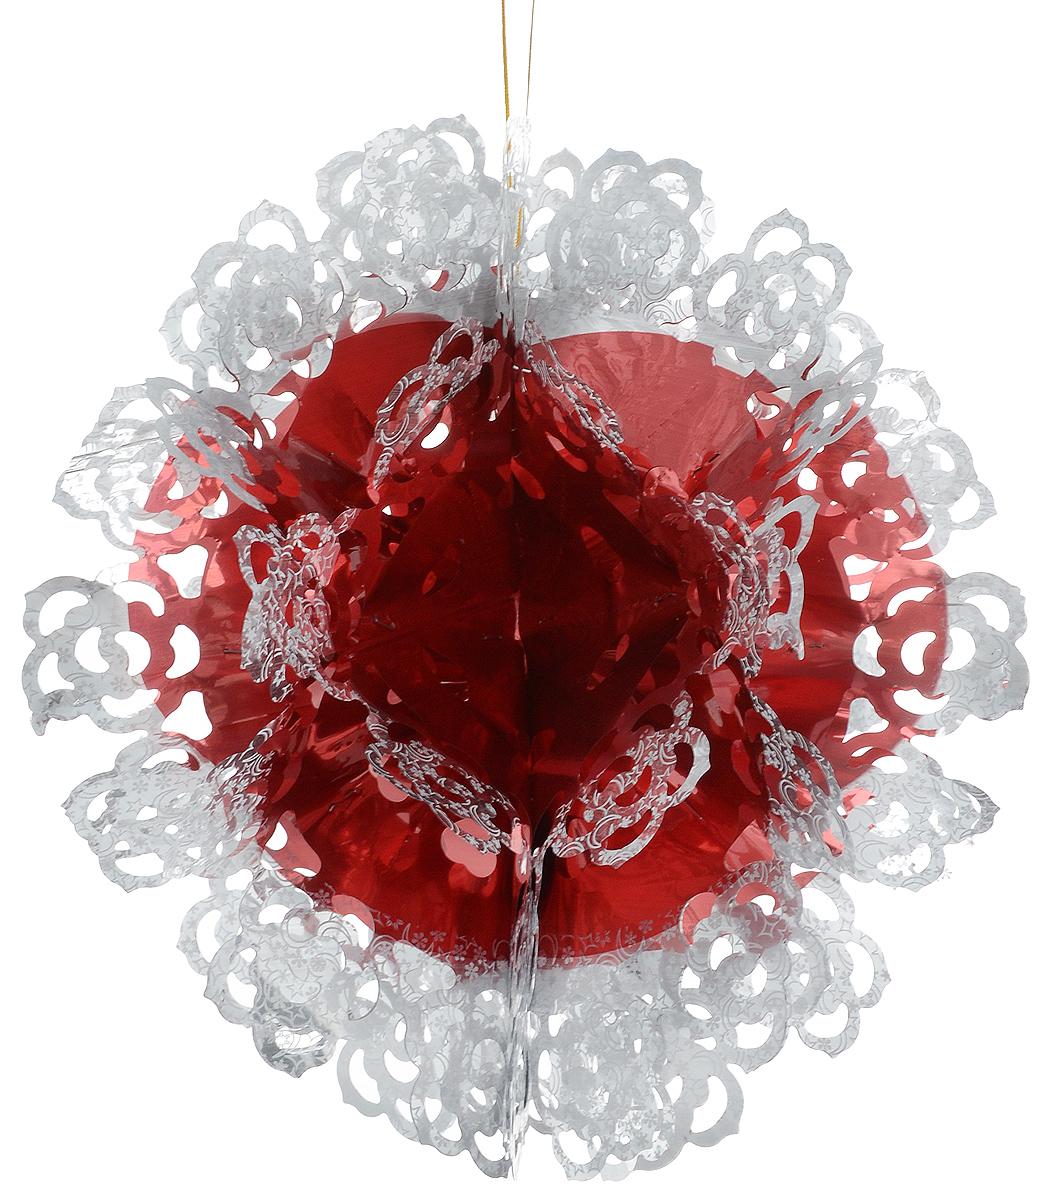 Гирлянда новогодняя Magic Time Шар ажурный красно-белый, 26 x 13 см42120Новогодняя гирлянда Magic Time Шар ажурный красно-белый прекрасно подойдет для декора дома. Украшение выполнено из ПЭТ. С помощью специальной петельки гирлянду можно повесить в любом понравившемся вам месте. Легко складывается и раскладывается. Новогодние украшения несут в себе волшебство и красоту праздника. Они помогут вам украсить дом к предстоящим праздникам и оживить интерьер по вашему вкусу. Создайте в доме атмосферу тепла, веселья и радости, украшая его всей семьей.